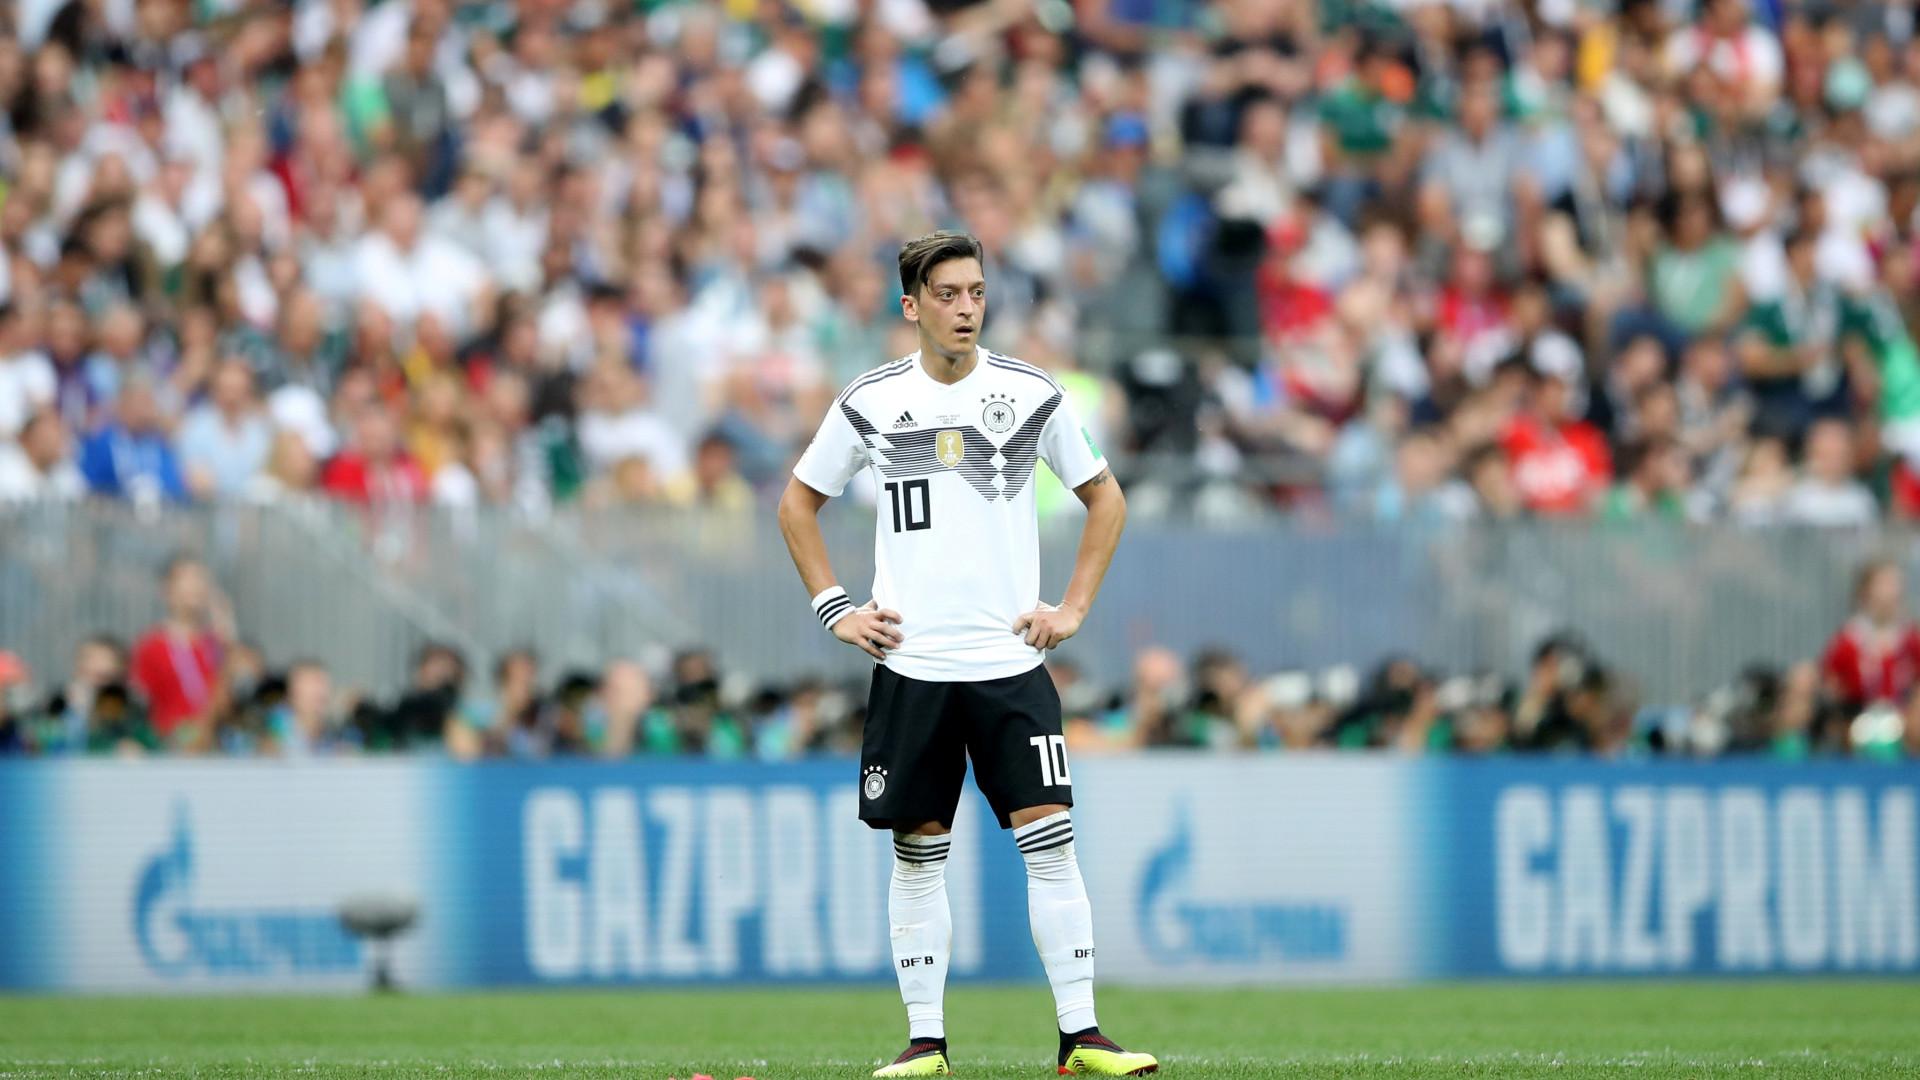 Confirmado: Özil renuncia à seleção alemã